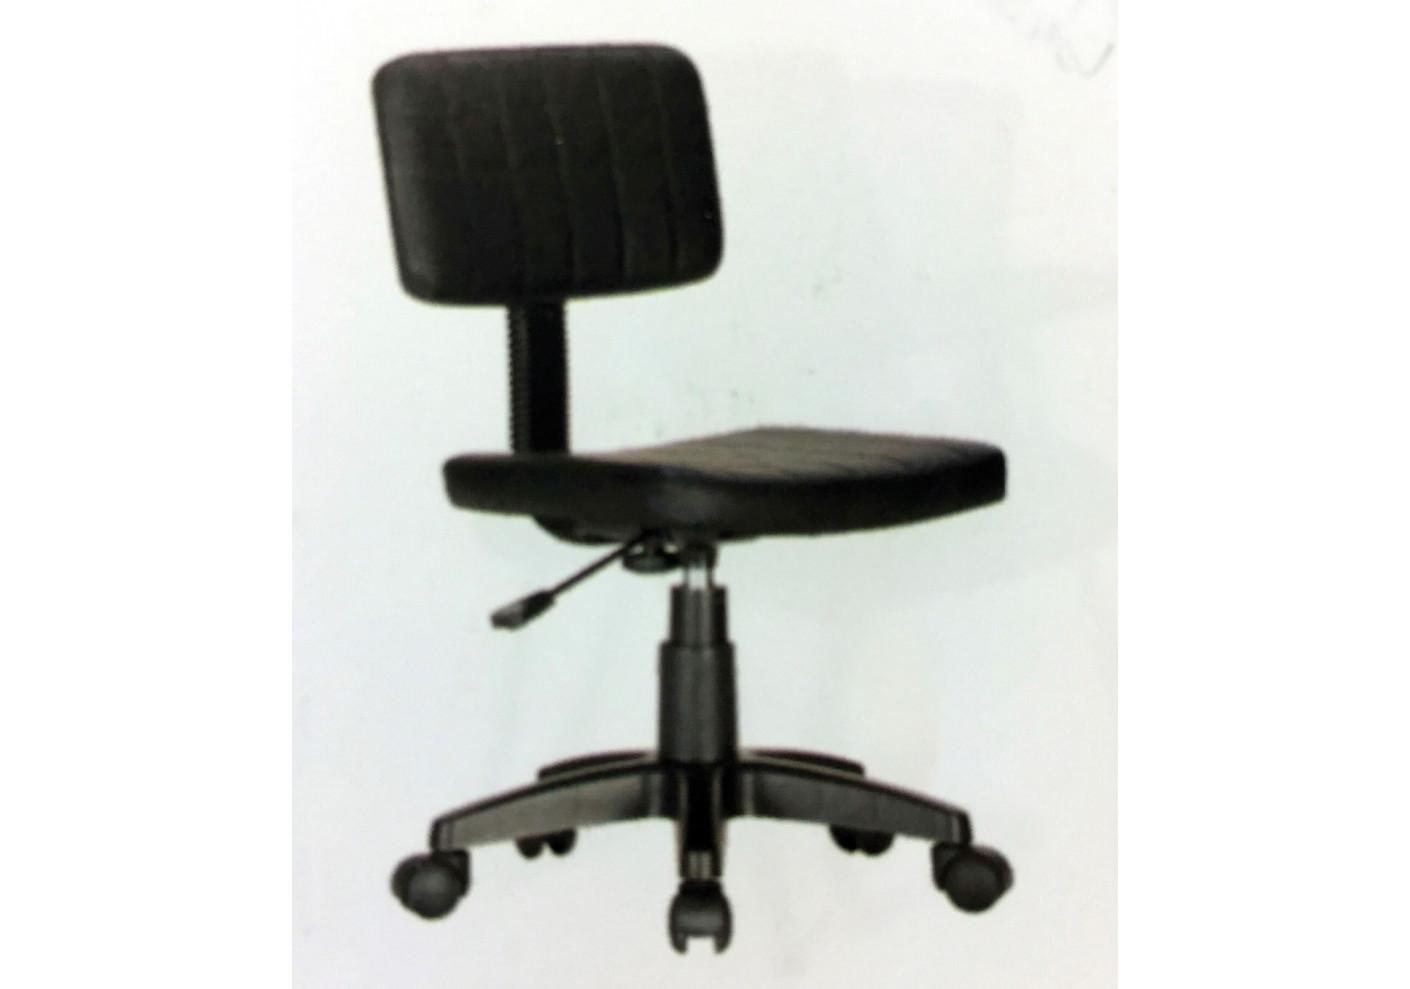 Fauteuil bureau tousmesmeubles chaise de bureau noir hispa darty